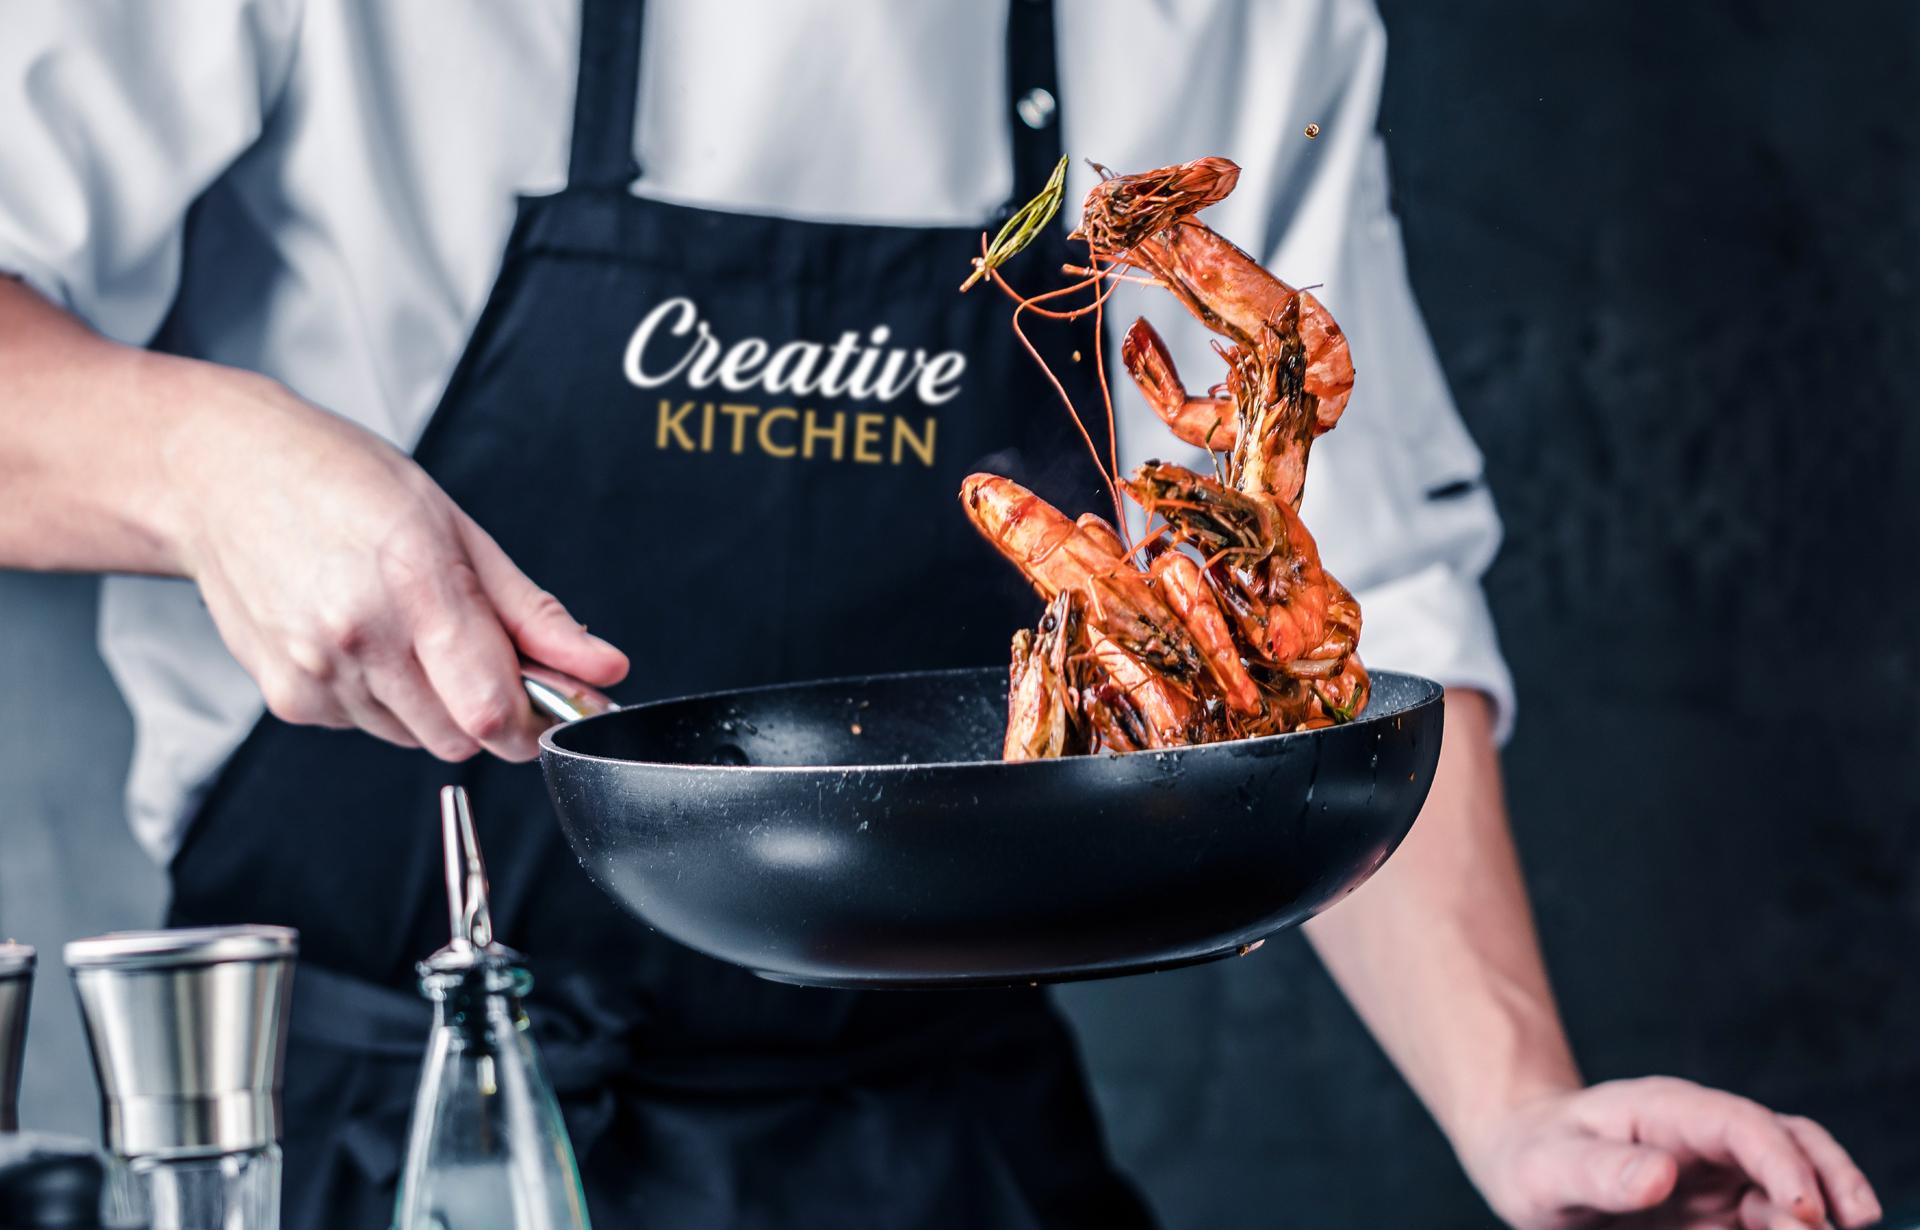 Актуальный дизайн логотипа и каллиграфический шрифт «Creative Kitchen» акцентируют внимание на приготовлении блюд шефом вручную